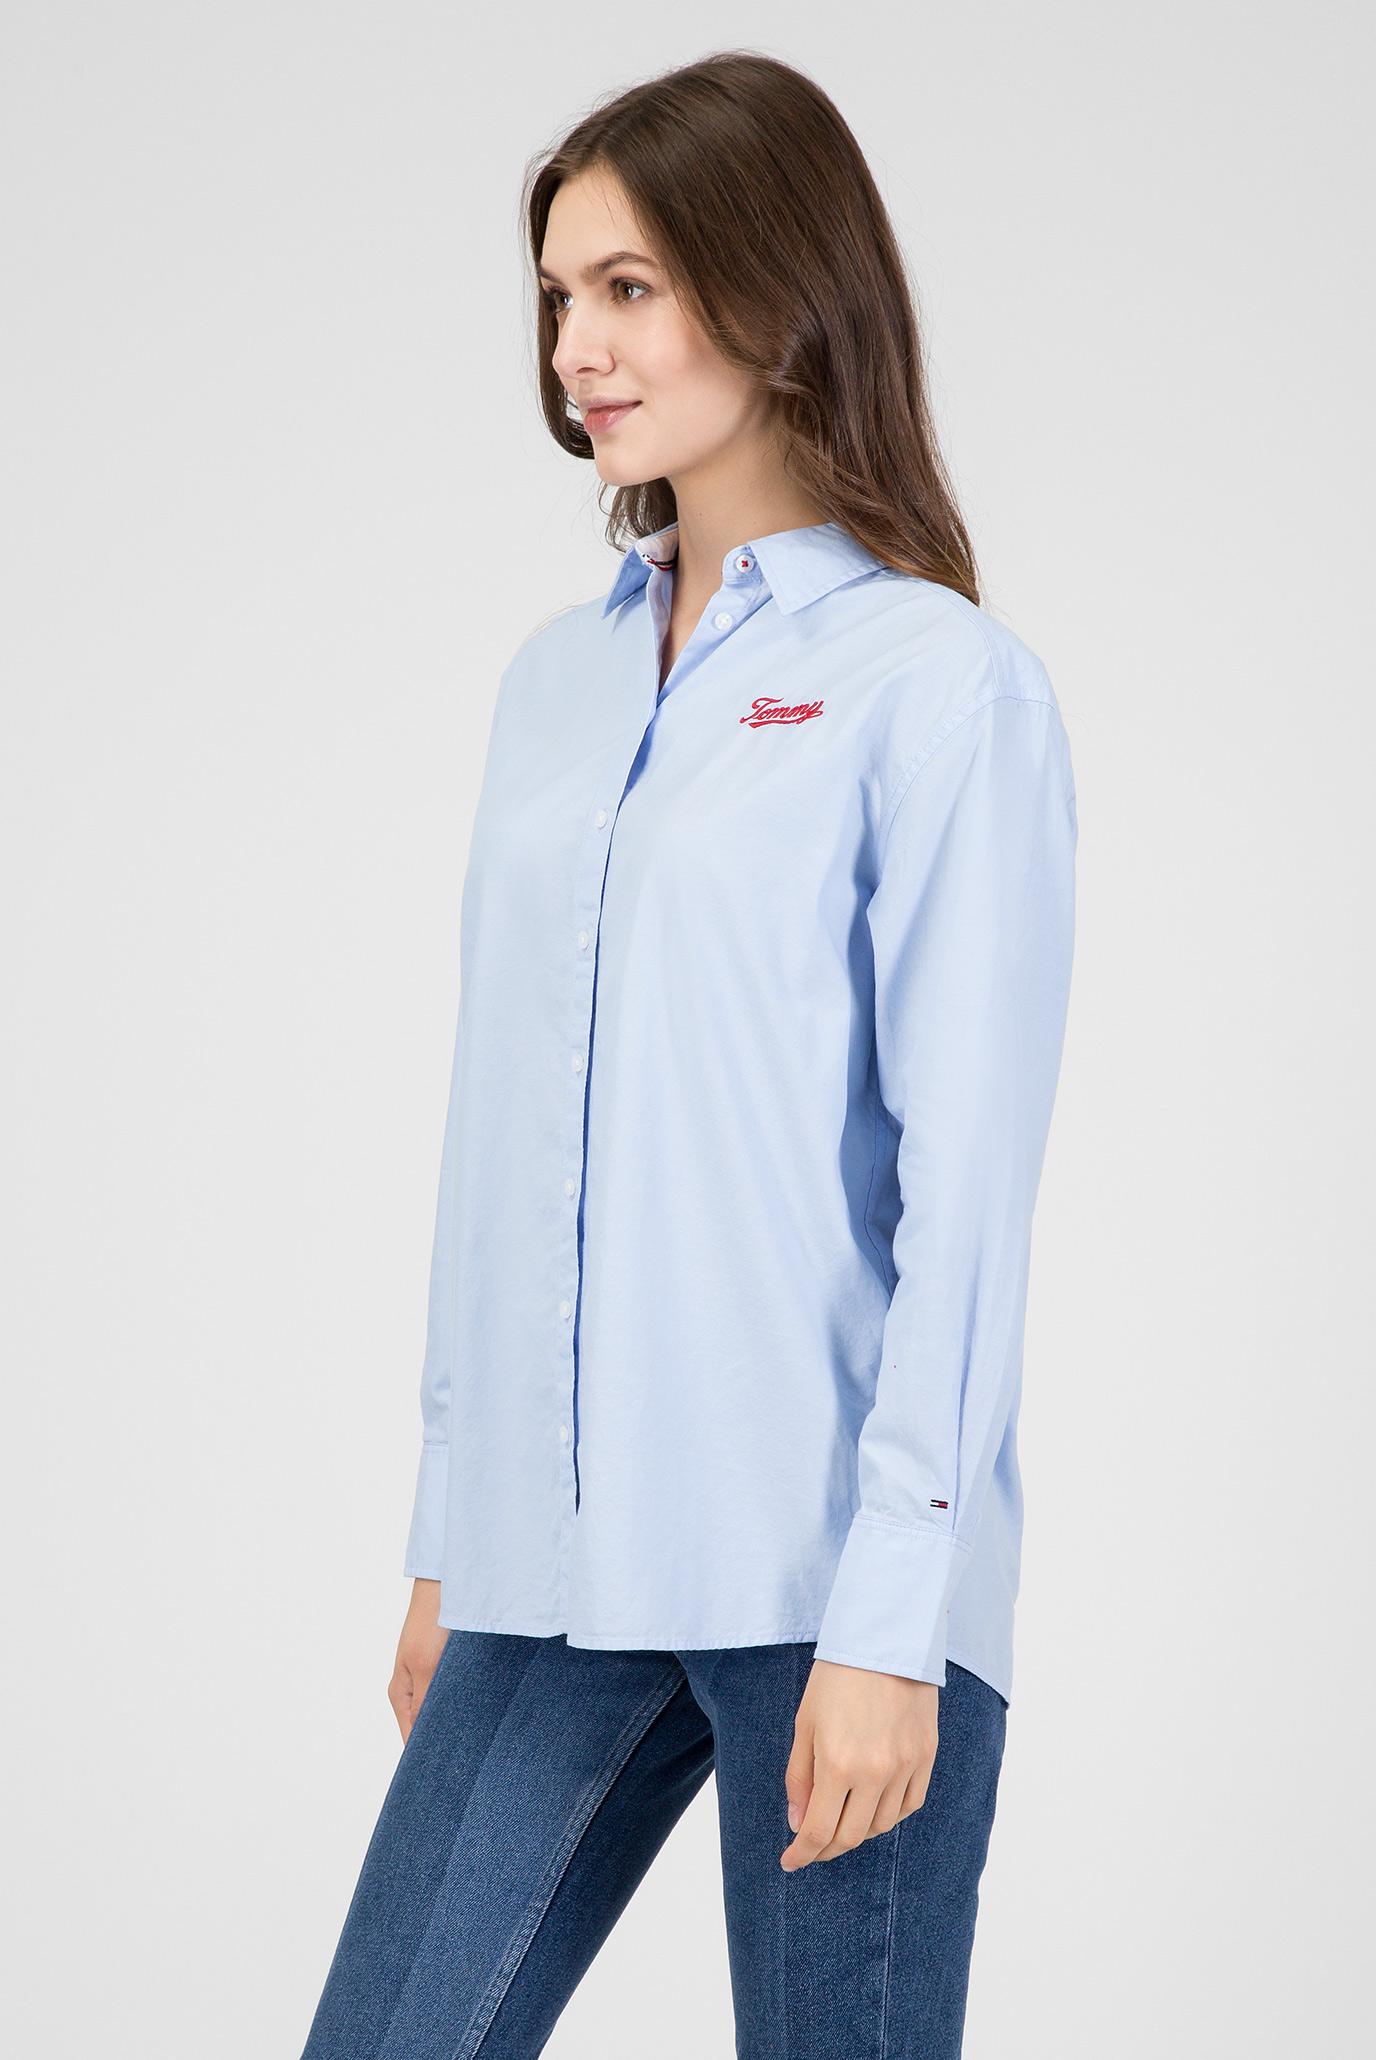 Купить Женская голубая рубашка Tommy Hilfiger Tommy Hilfiger DW0DW05260 – Киев, Украина. Цены в интернет магазине MD Fashion